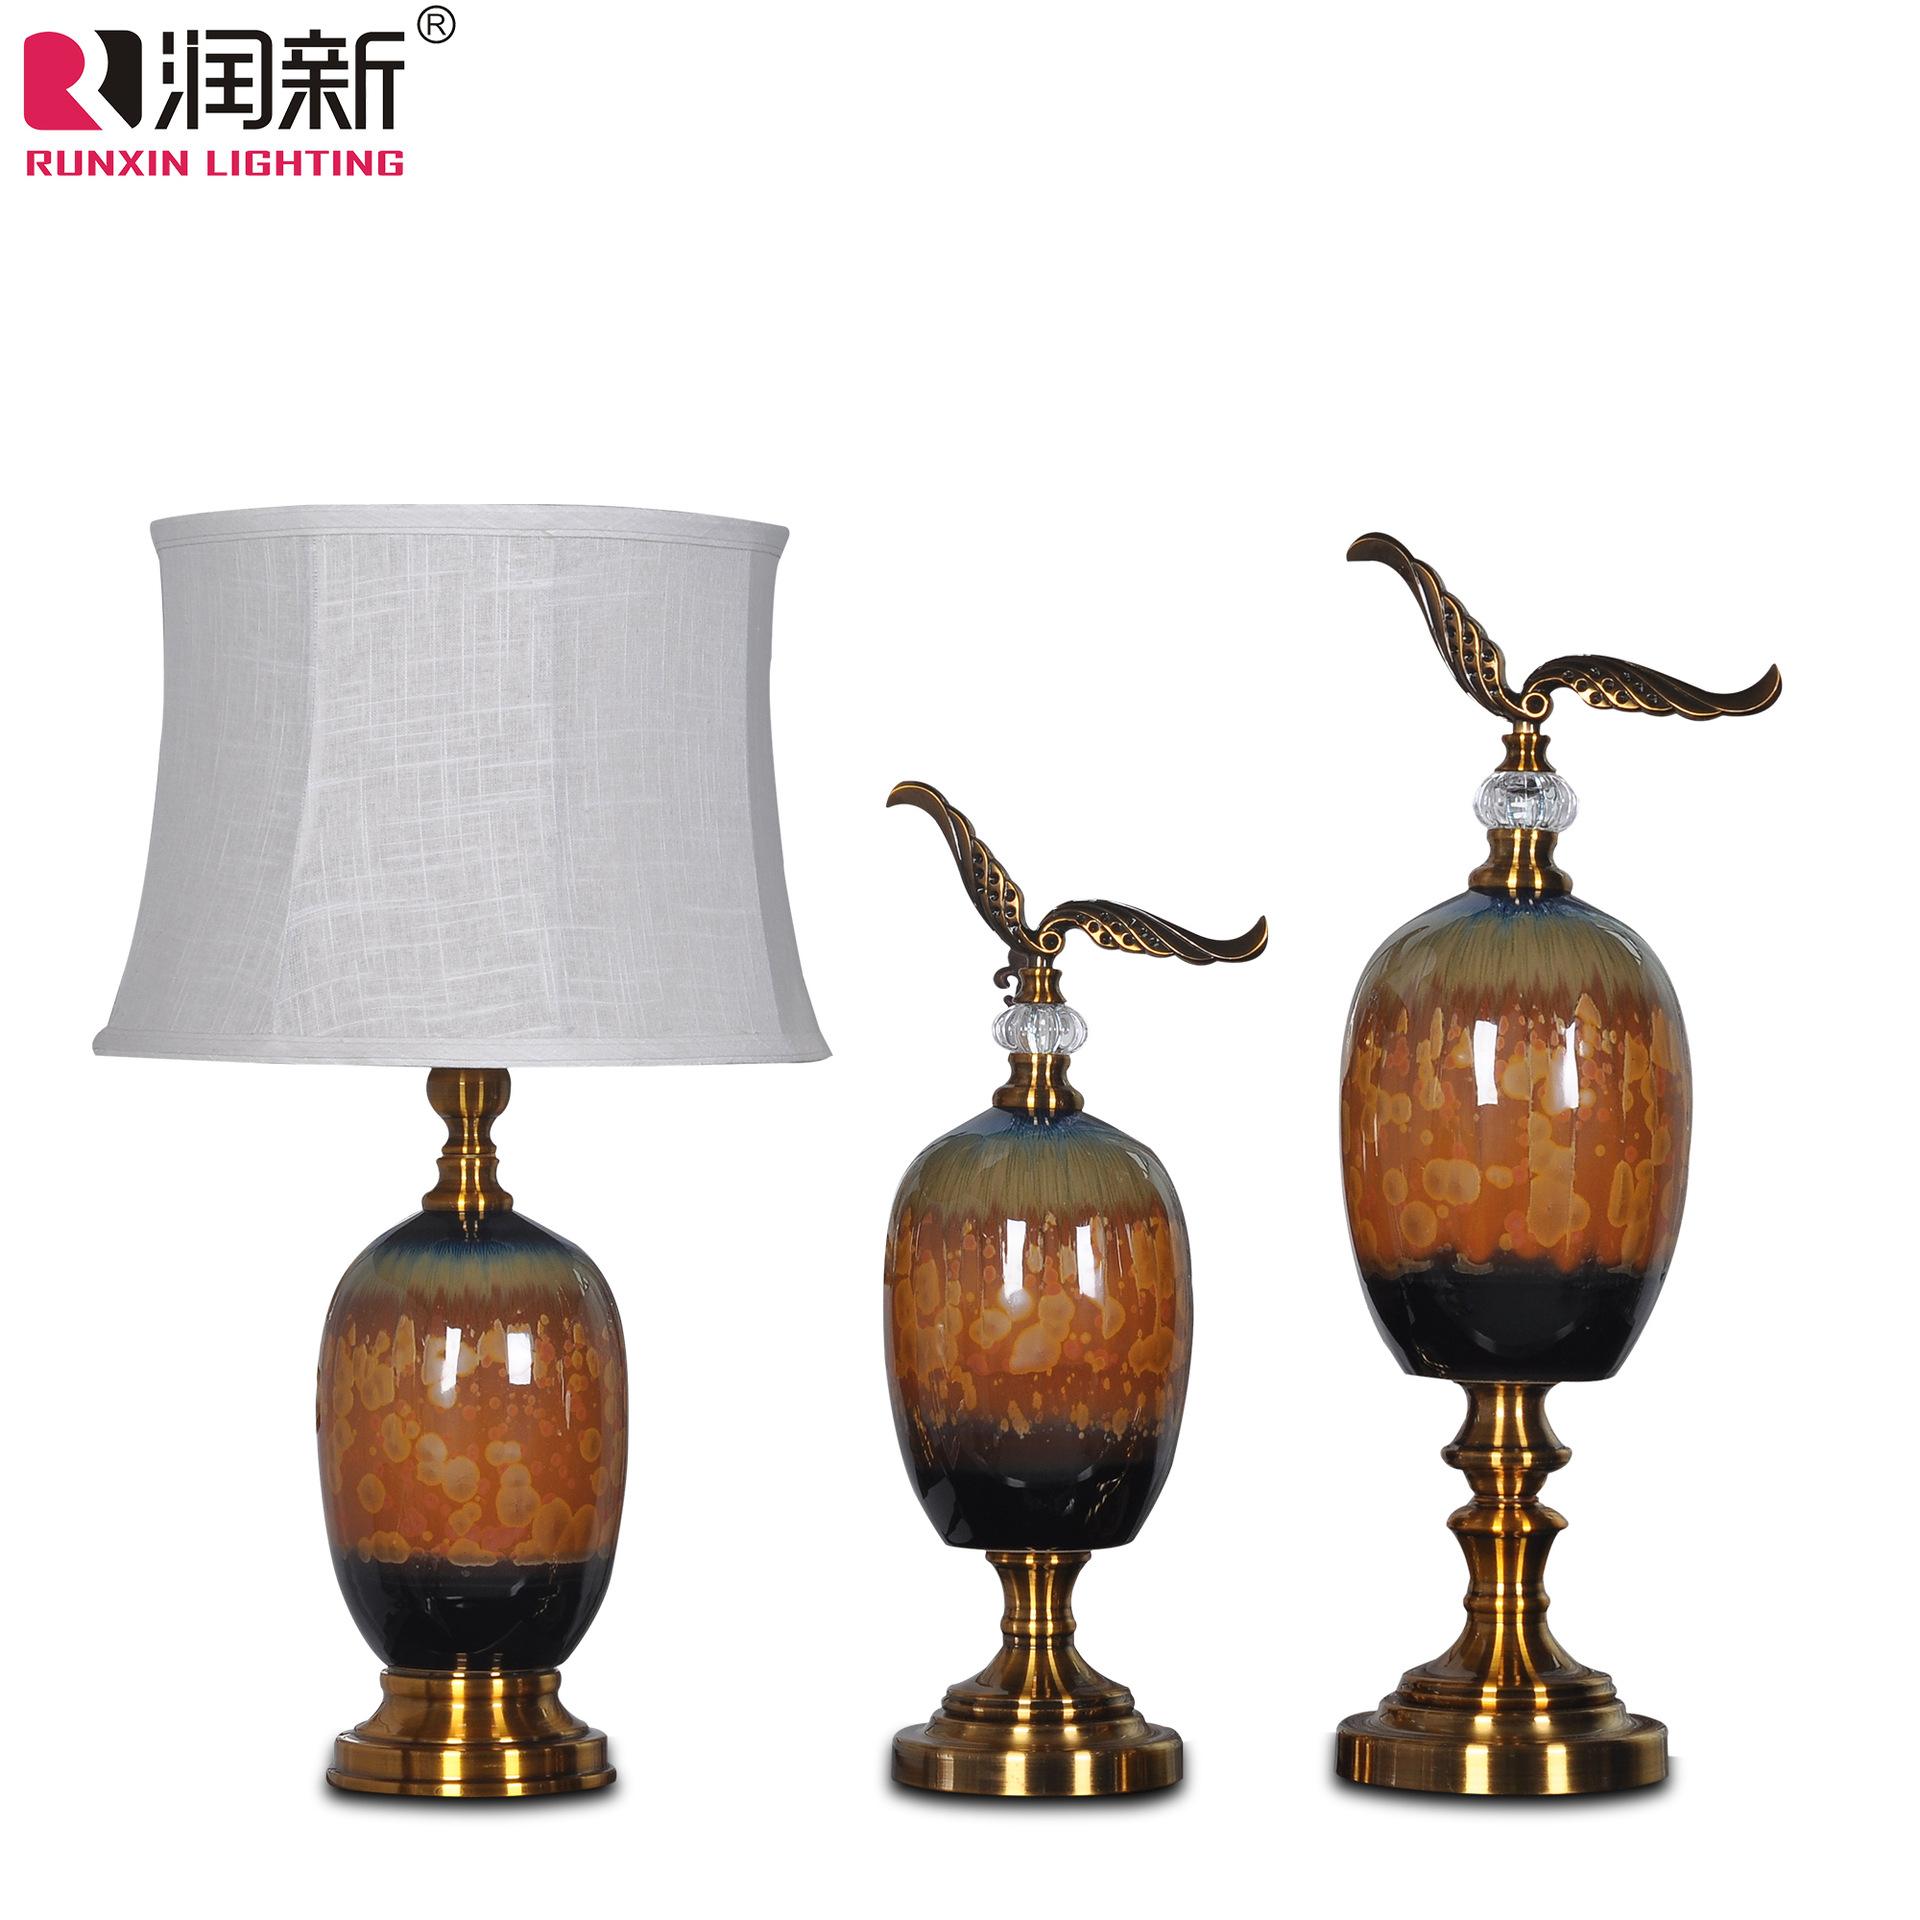 欧式陶瓷台灯罩100元效果图